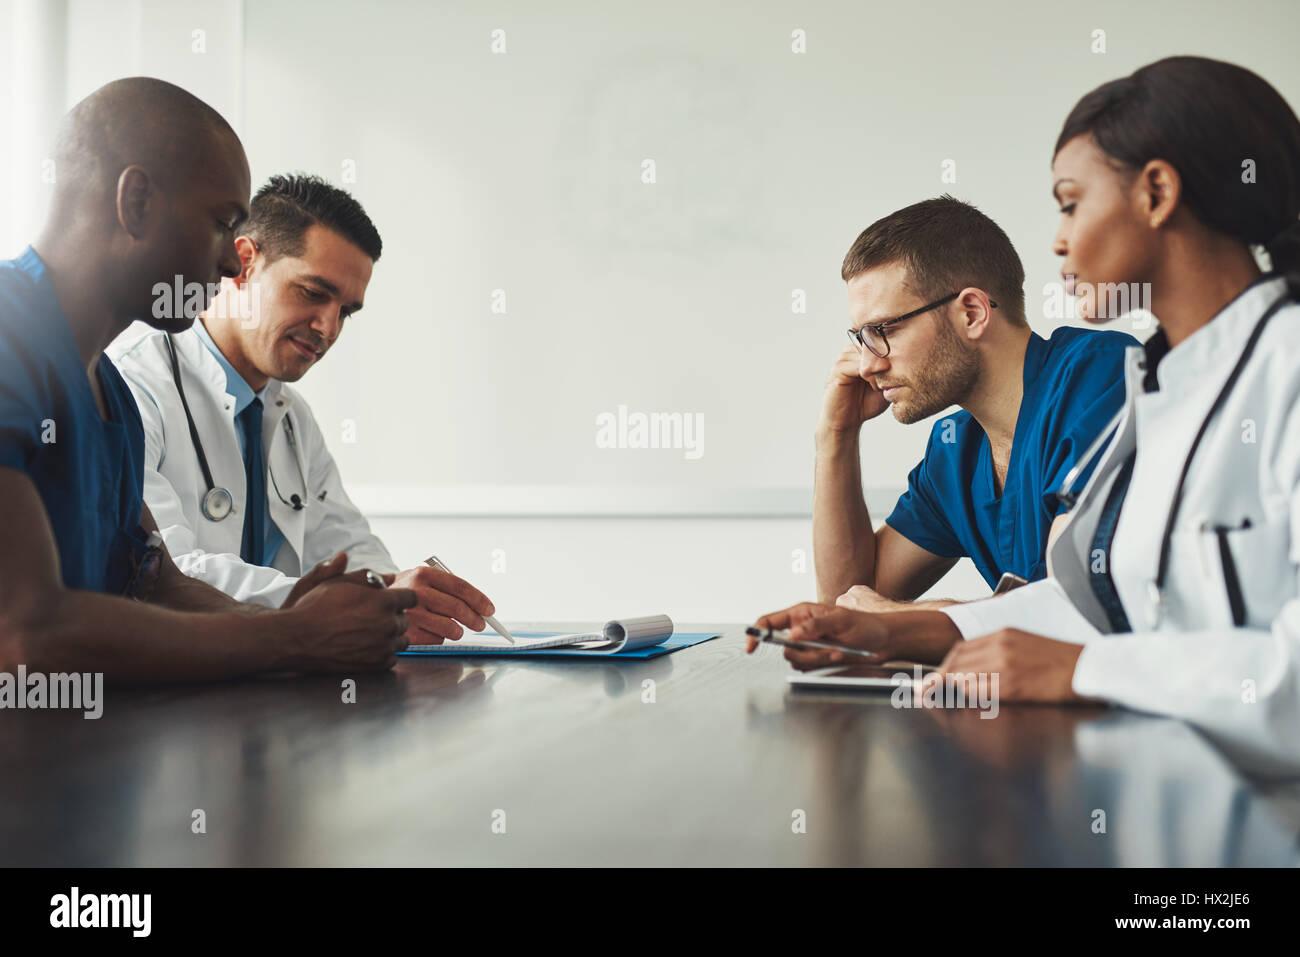 Réunion du personnel médical. Groupe de jeunes gens en blouse blanche et uniforme bleu assis à table Photo Stock